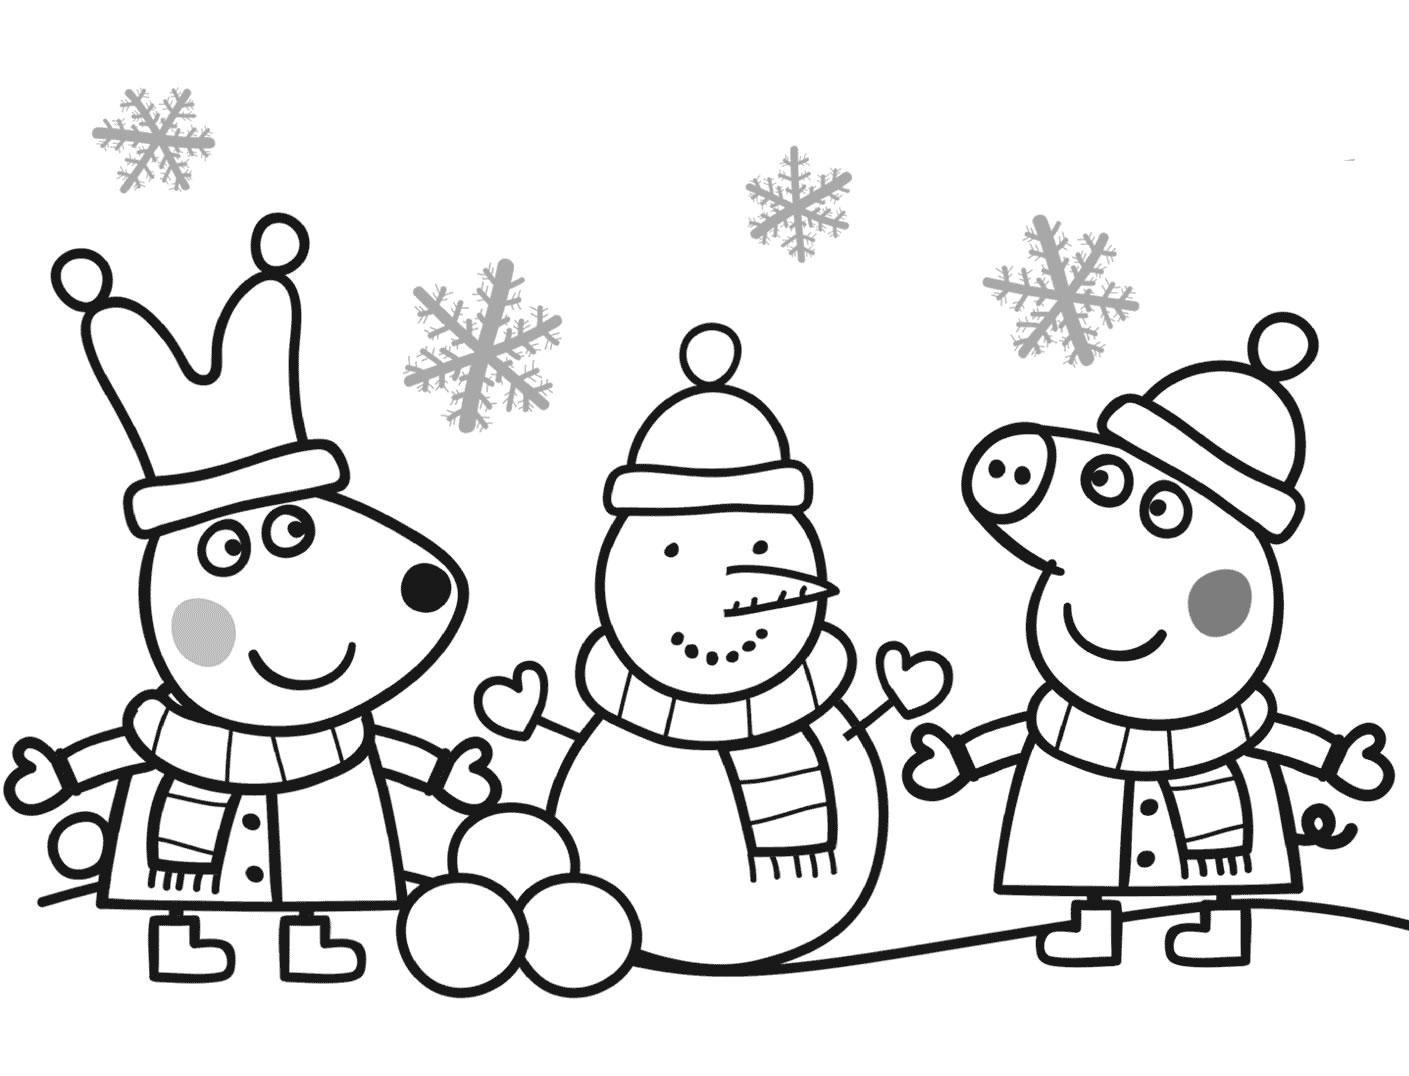 Peppa pig disegni per bambini for Lepre immagini da stampare